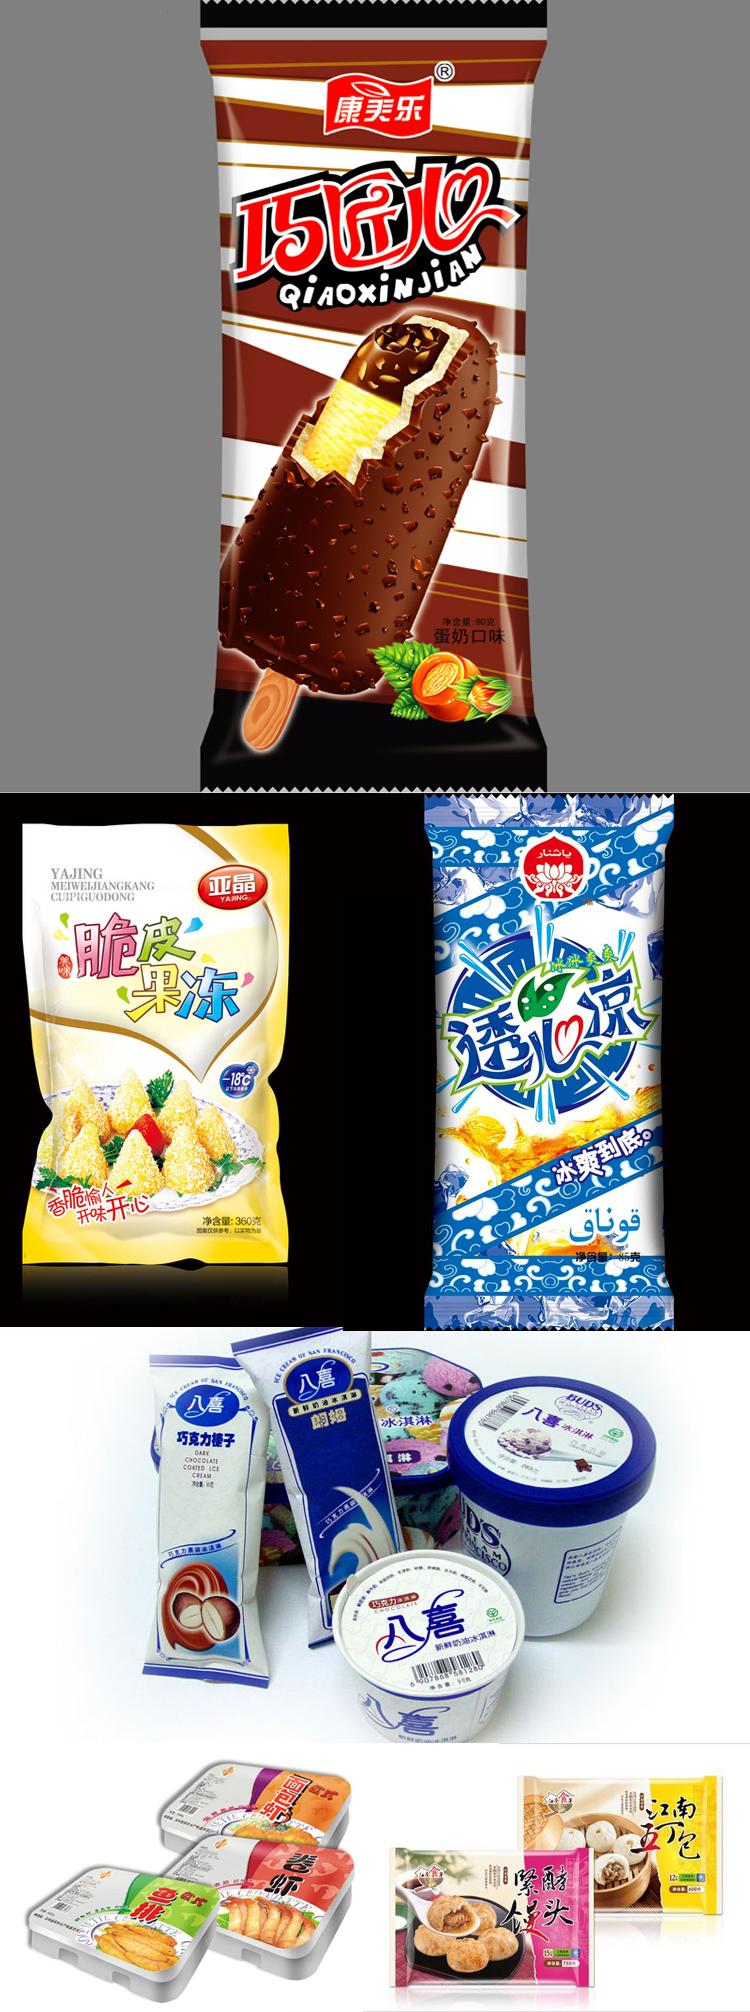 冷冻食品-含冰淇淋